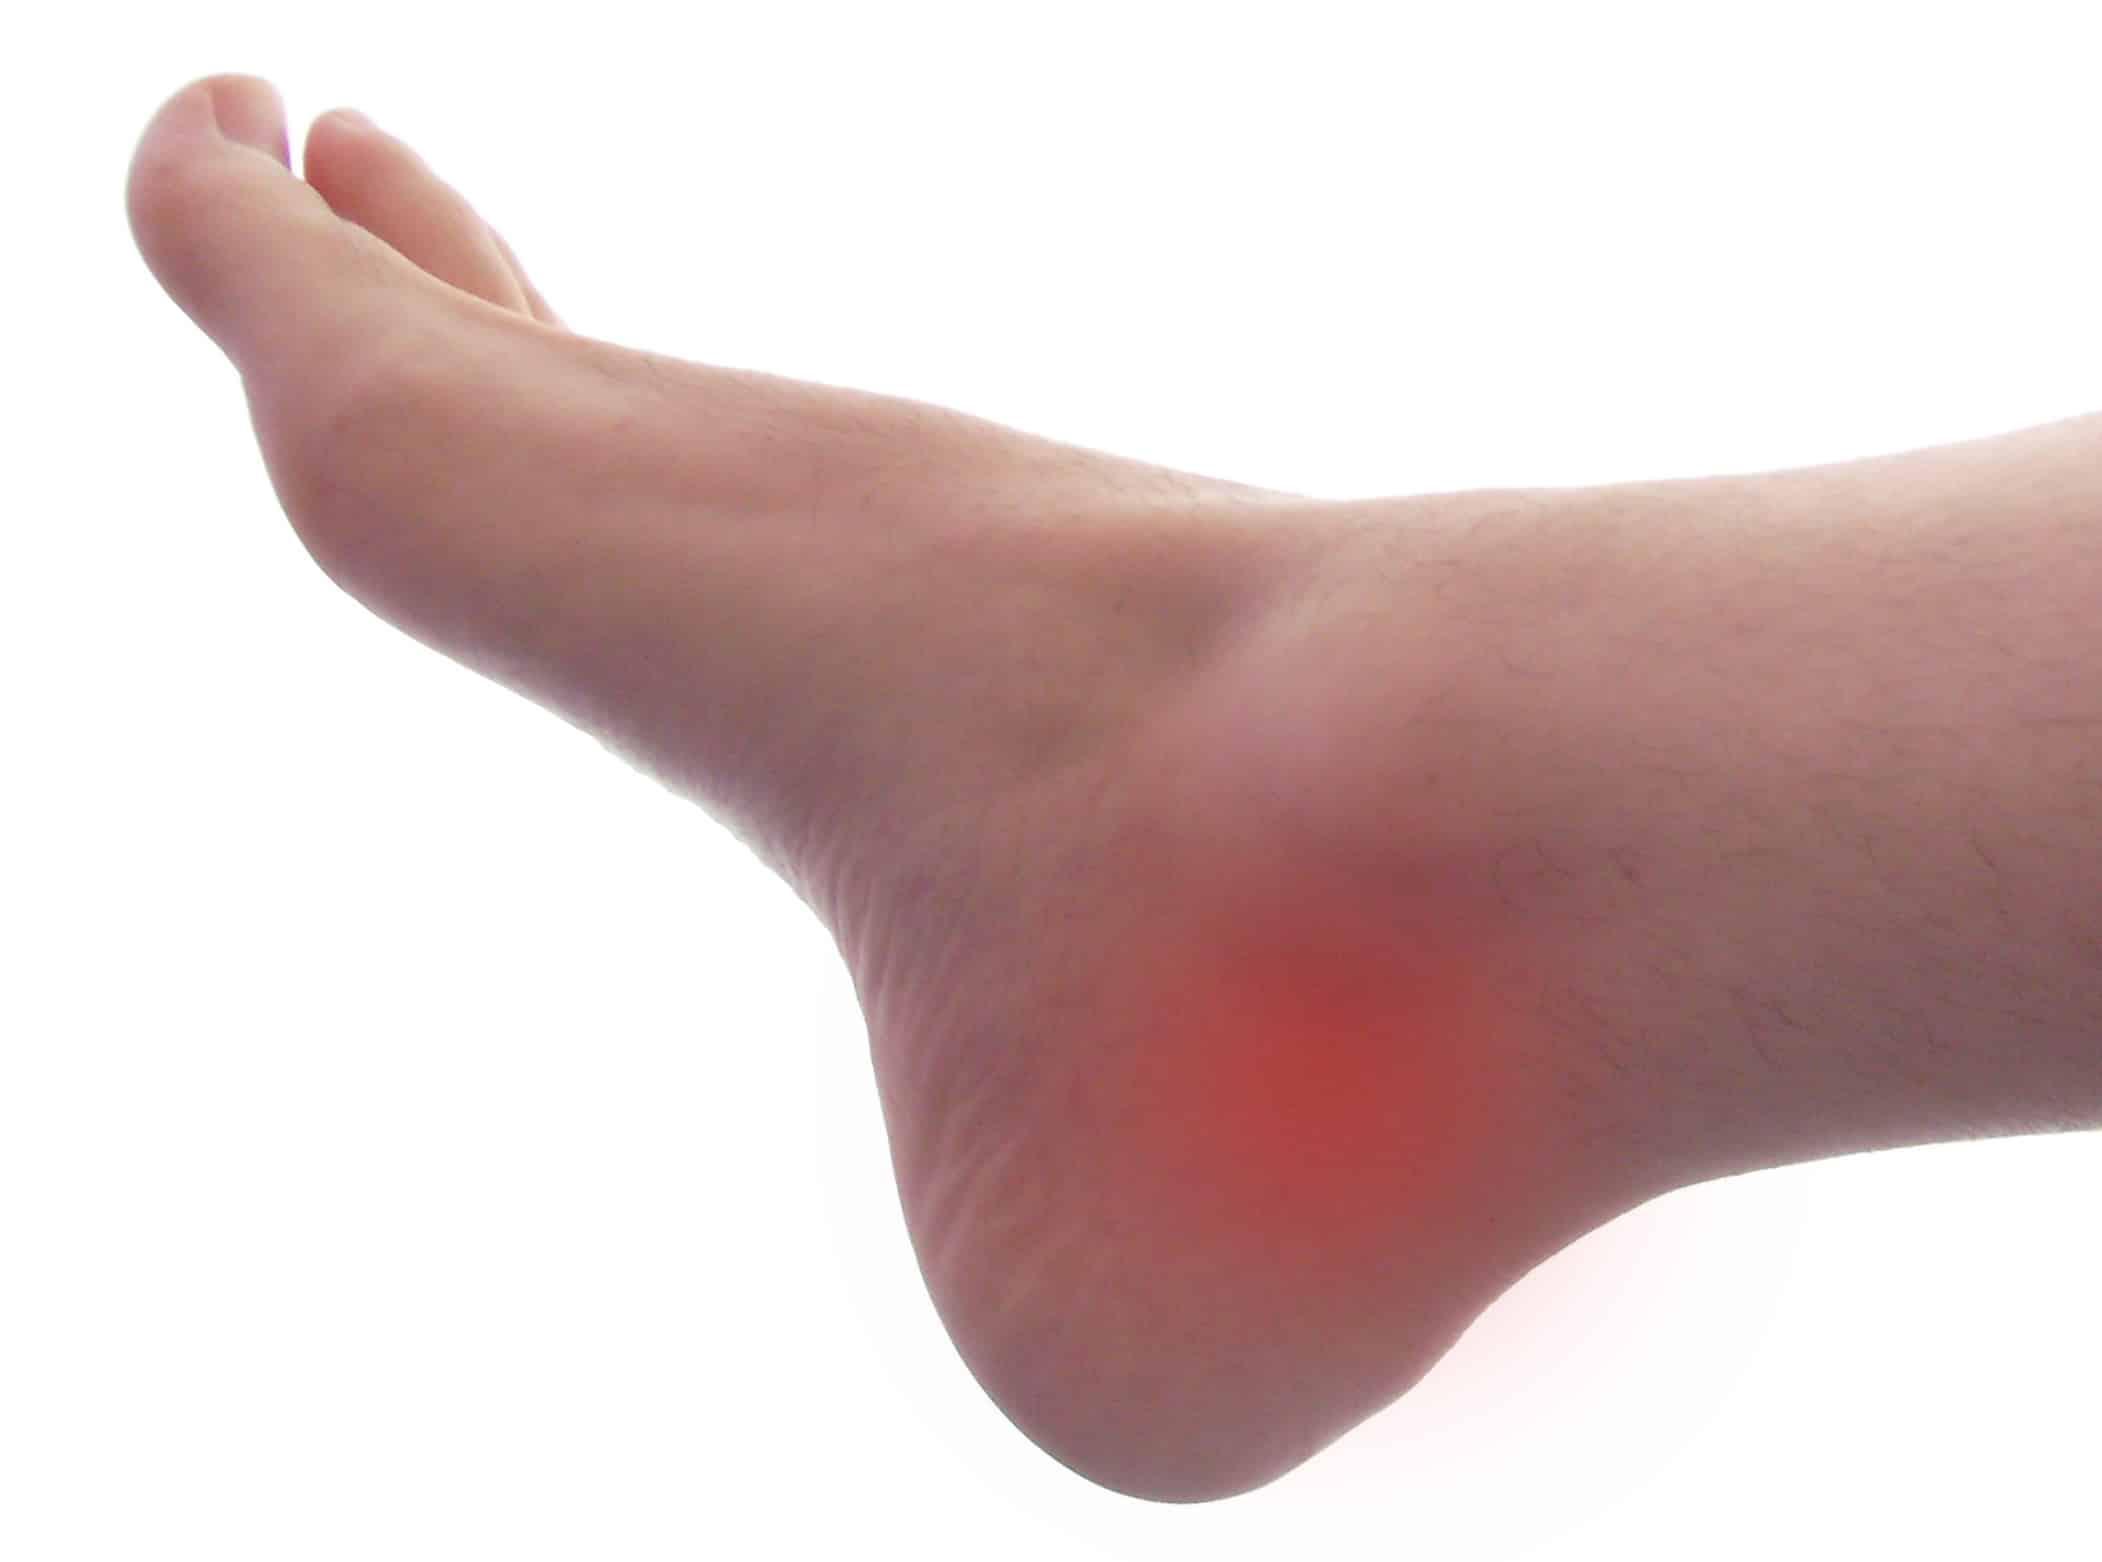 nouvelles images de style exquis large choix de designs Qu'est-ce qui peut causer une douleur interne à la cheville ...